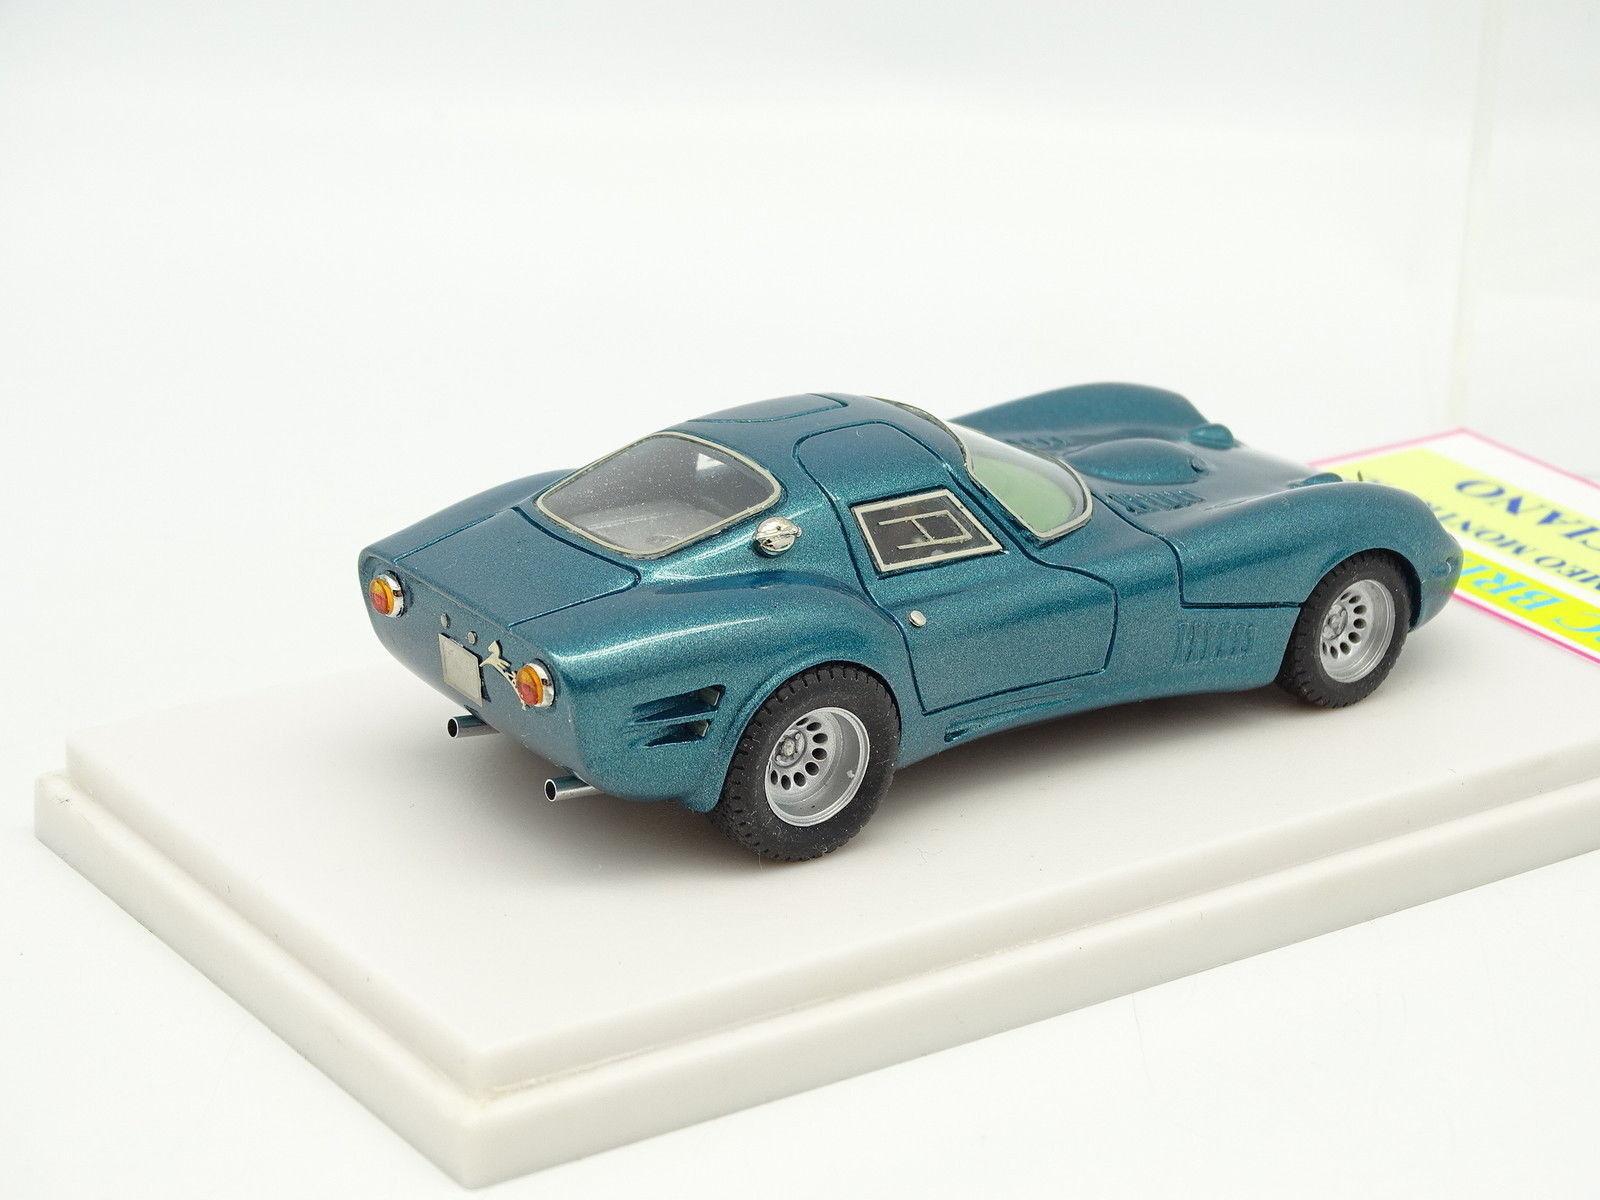 ABC Brianza Kit Kit Kit monté 1/43 Alfa Romeo Montreal Marciano Bleue | Ont Longtemps Joui D'une Grande Renommée  a83b11